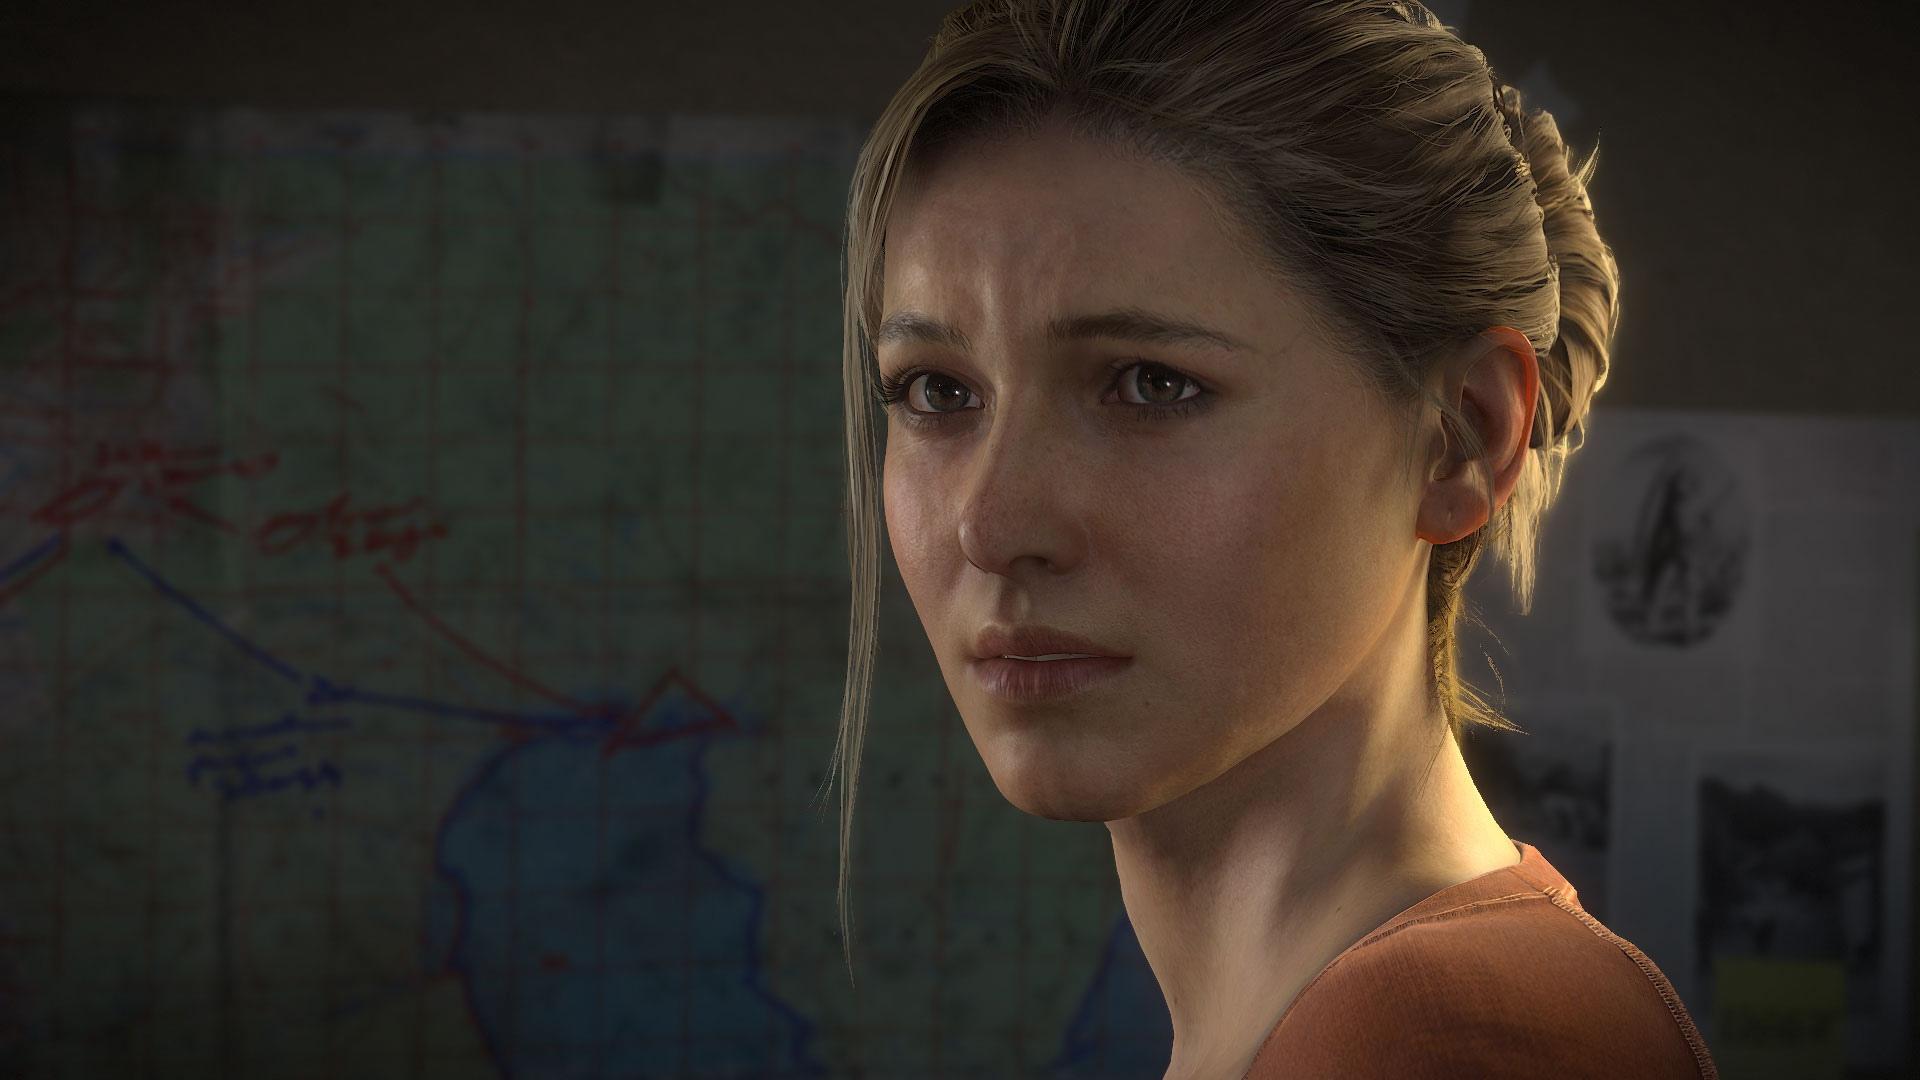 Сегодня отмечается 5-летие одной из лучших игр для PS4 — Uncharted 4: A Thief's End